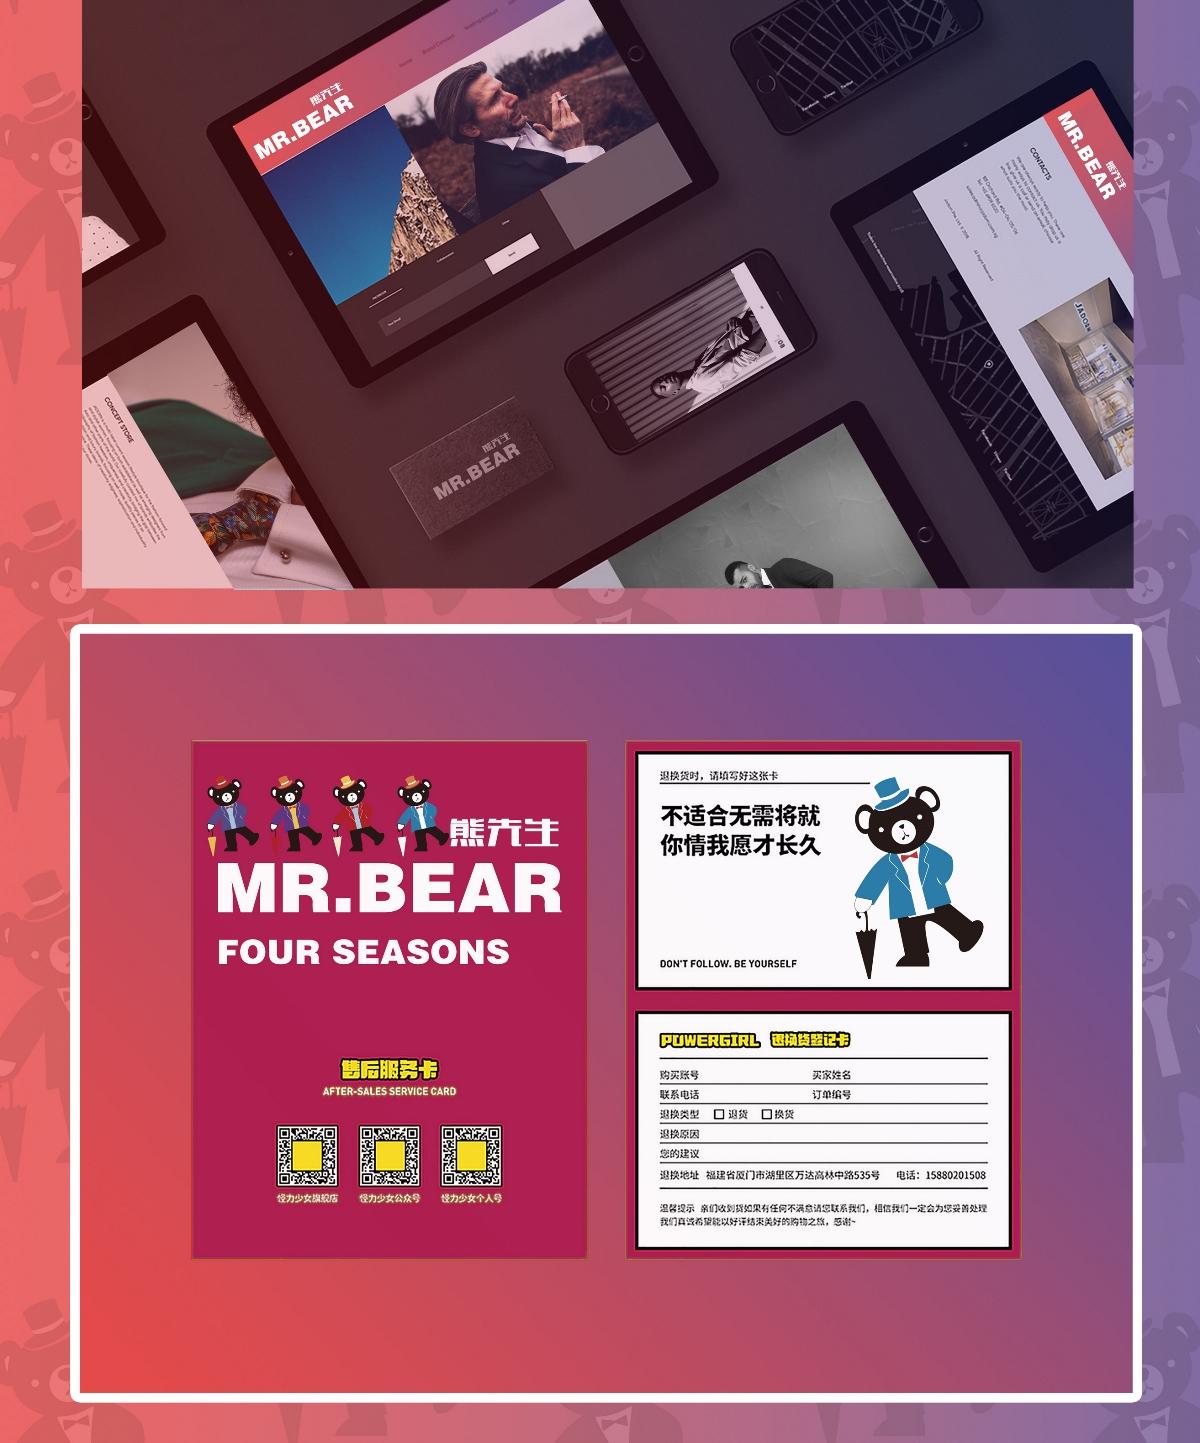 熊先生 MR.BEAR